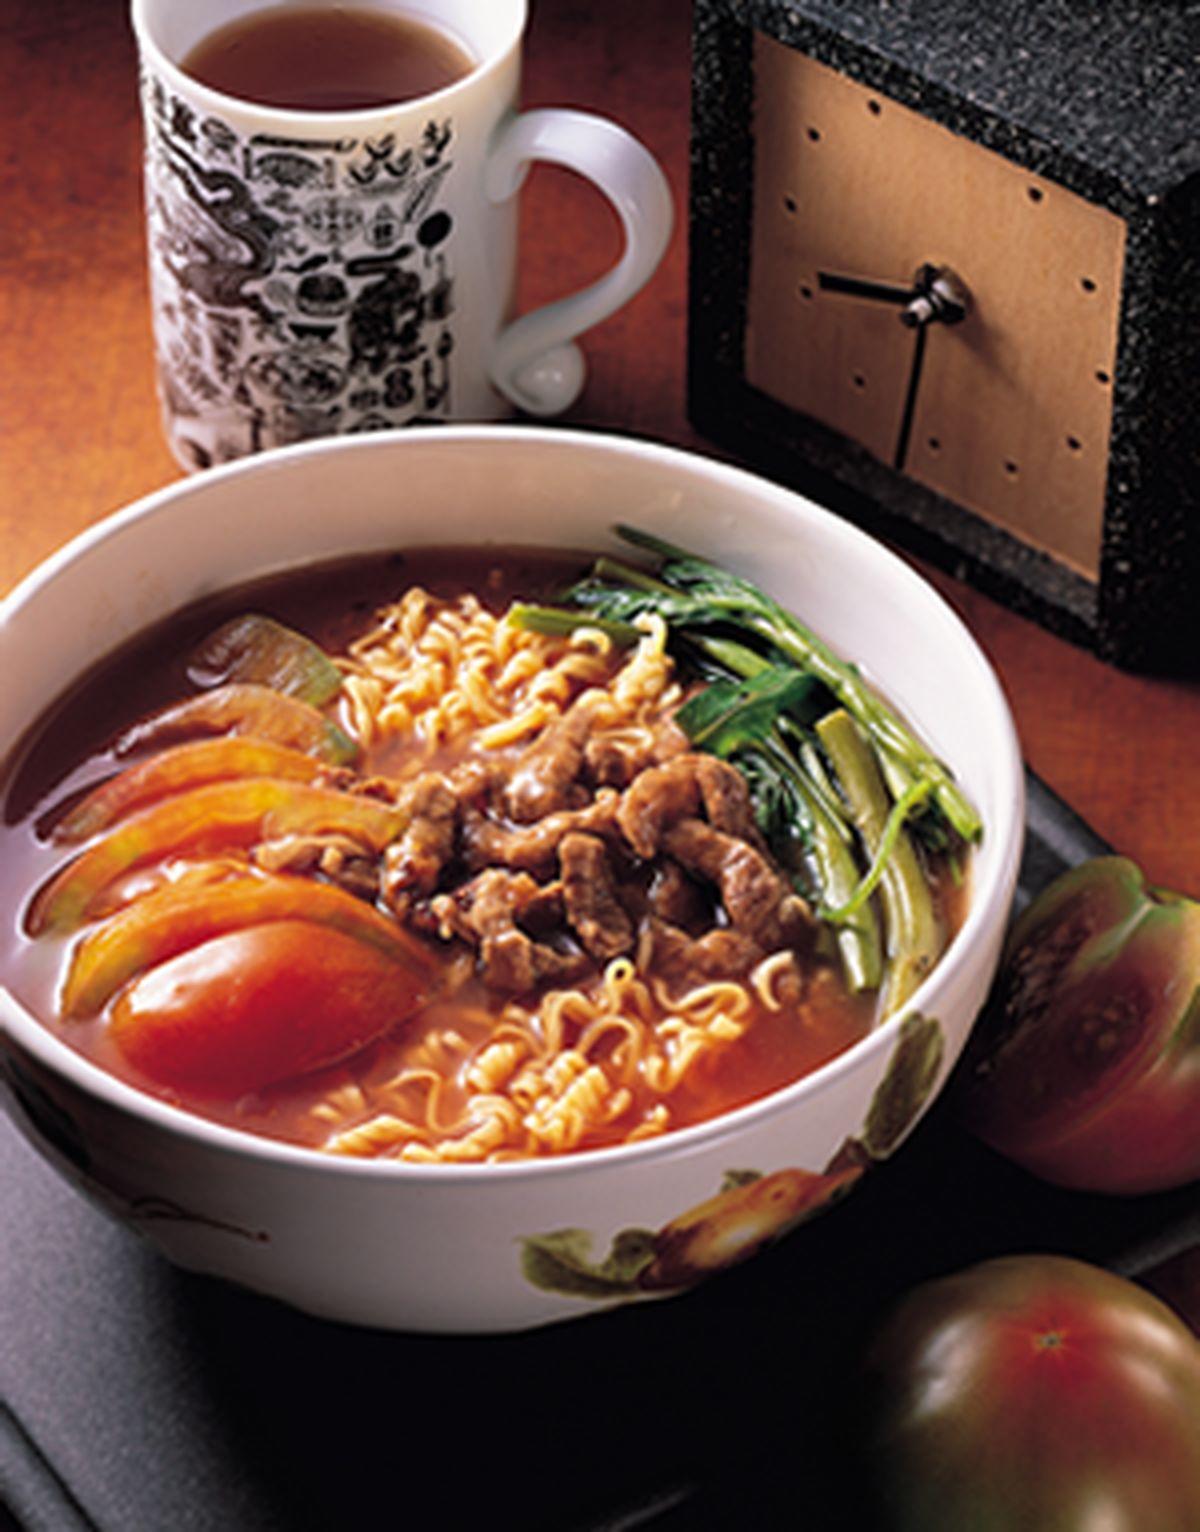 食譜:蕃茄牛肉絲泡麵